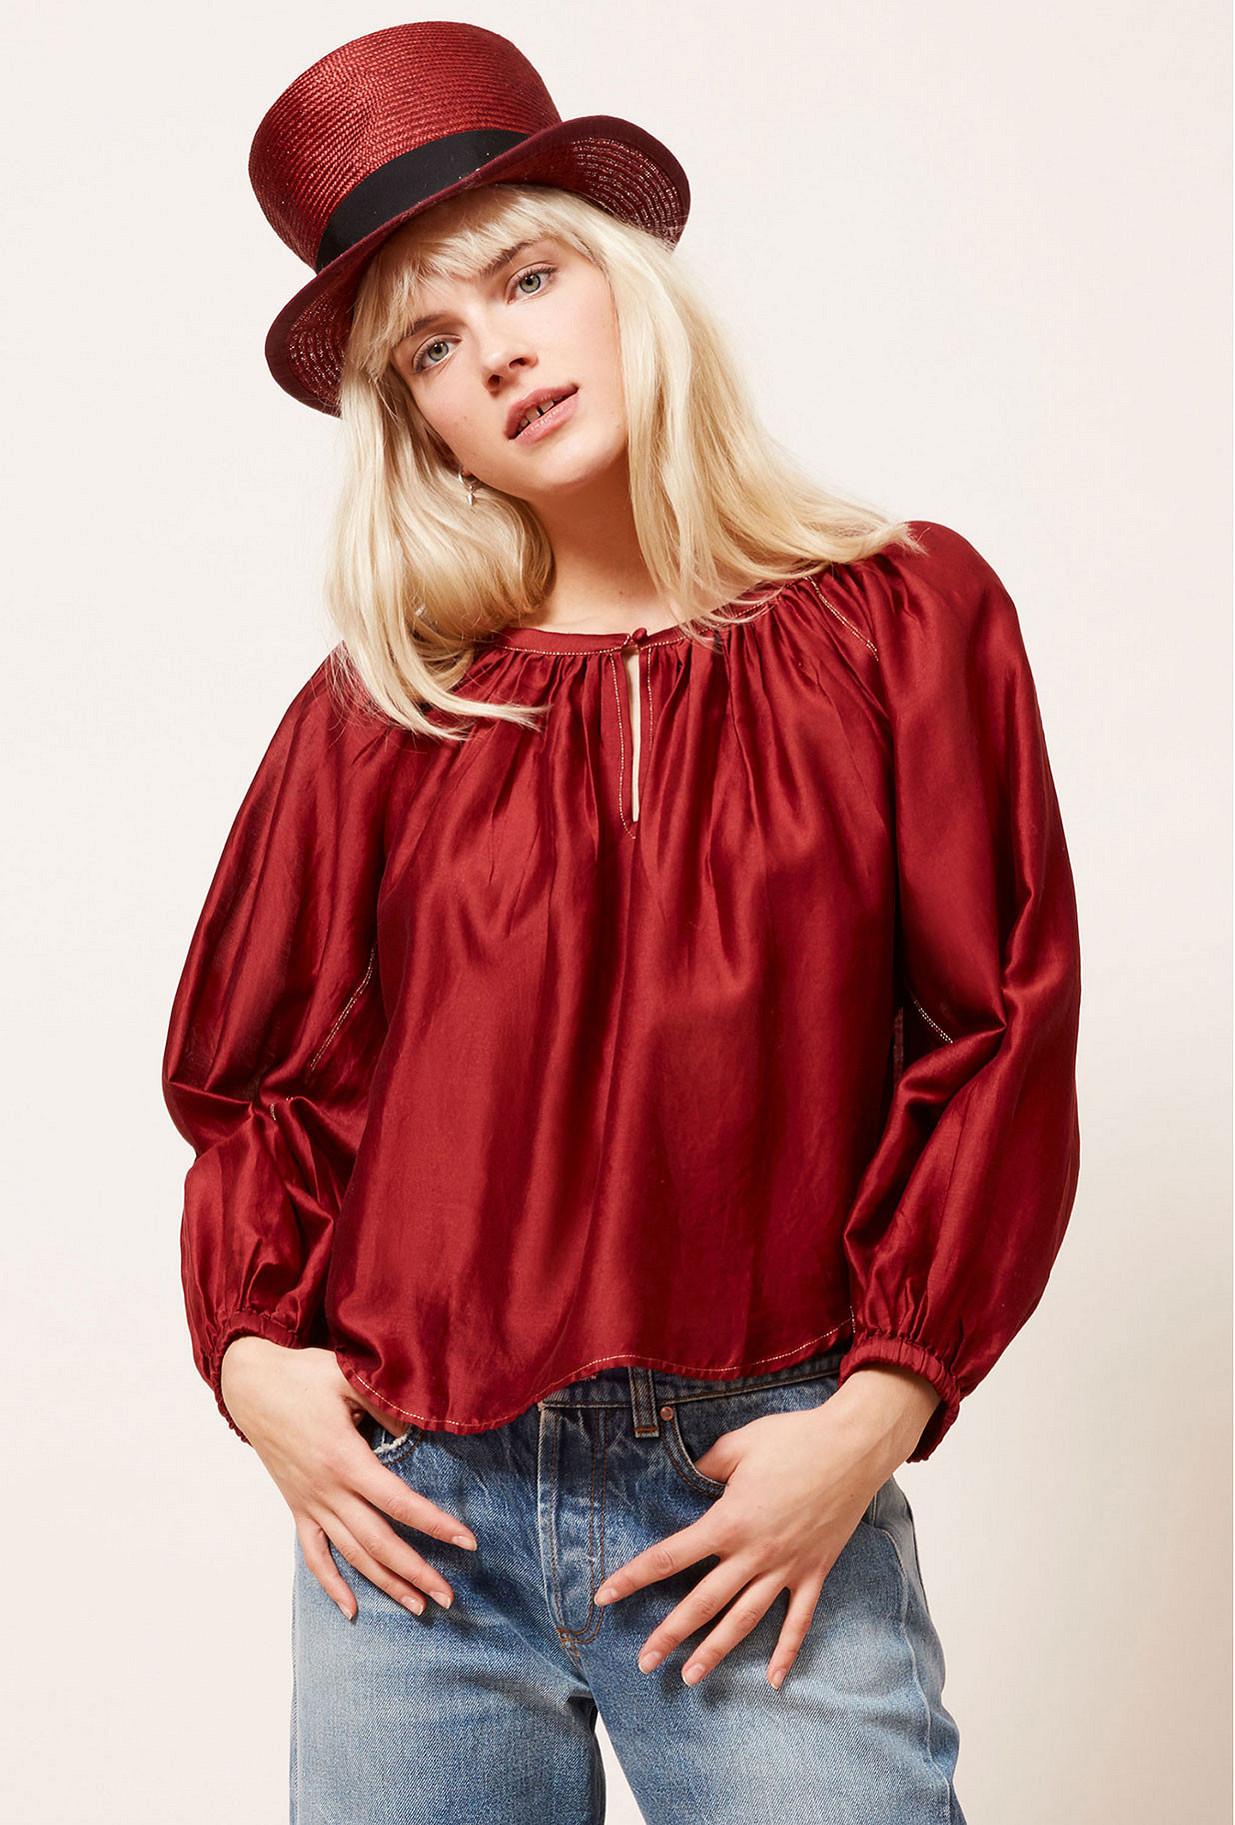 Paris clothes store Blouse  Onagre french designer fashion Paris